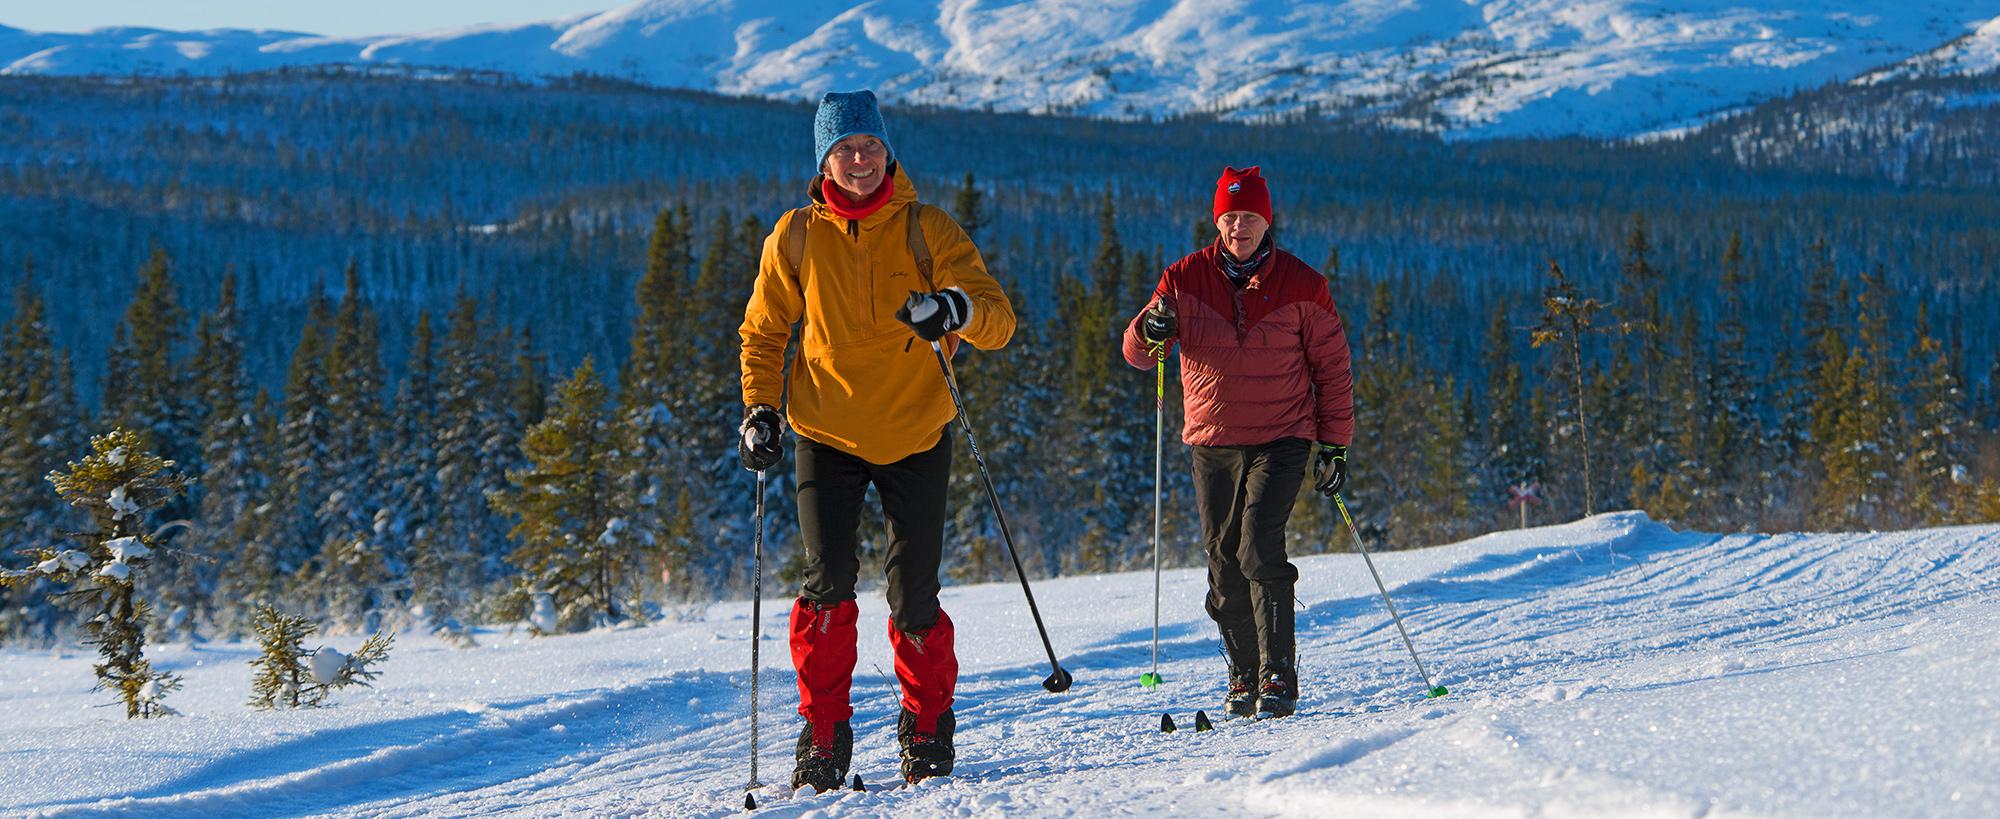 En Tur I Skidspåren I Södra Årefjällen är En Fjällupplevelse I Världsklass.